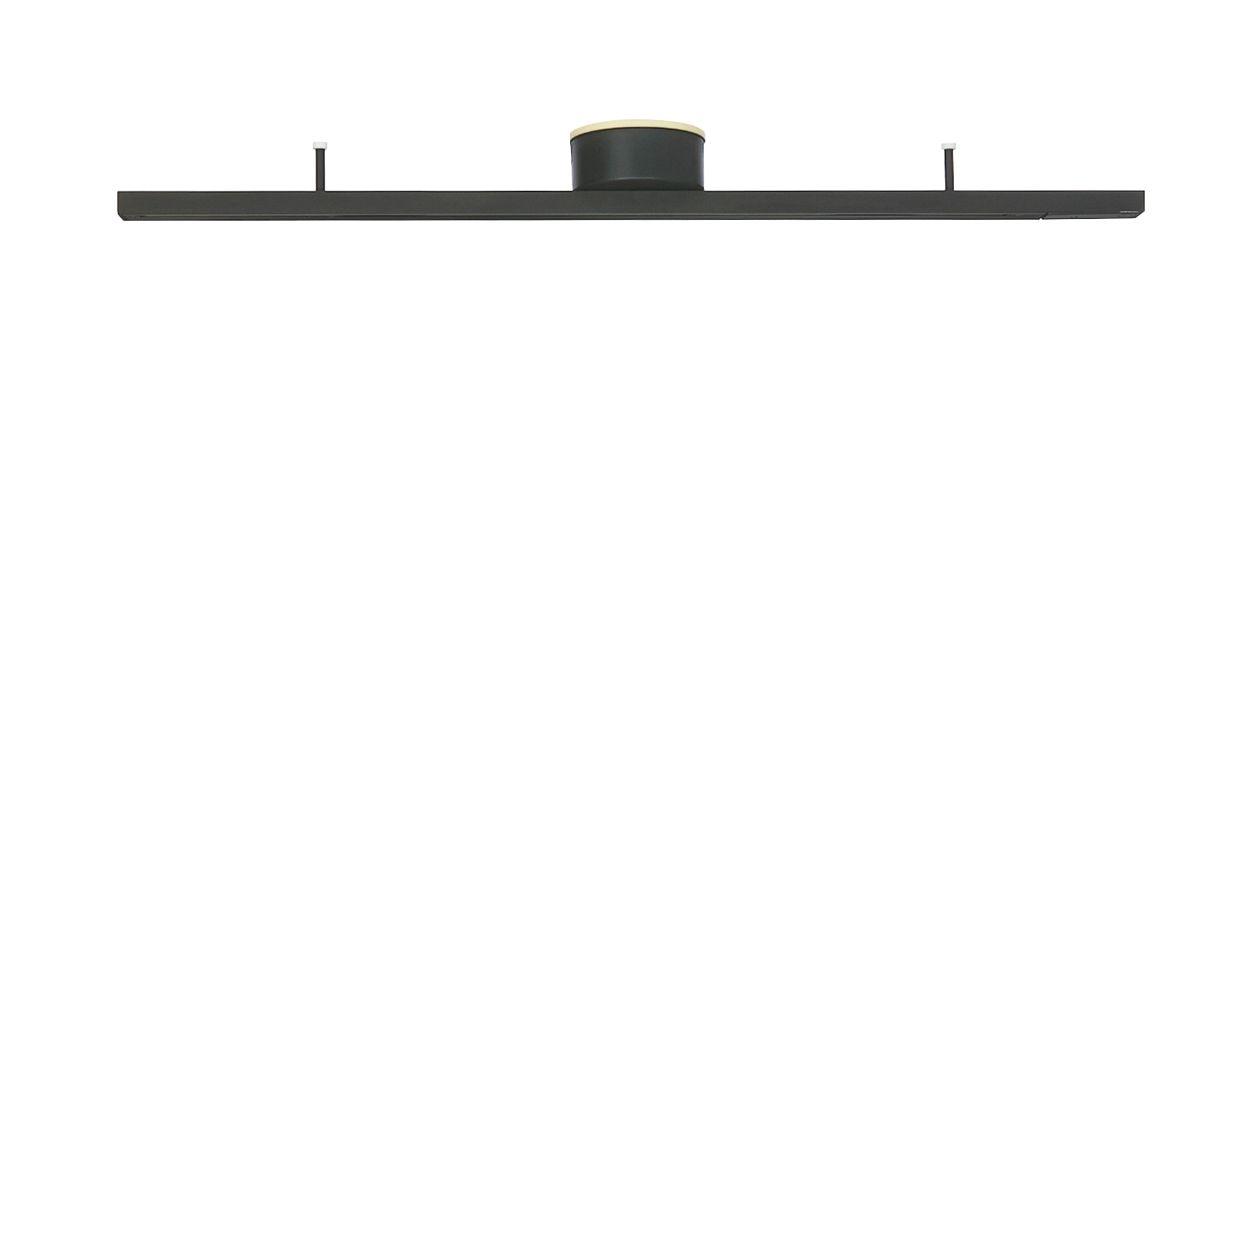 システムライト本体/ブラック ブラック